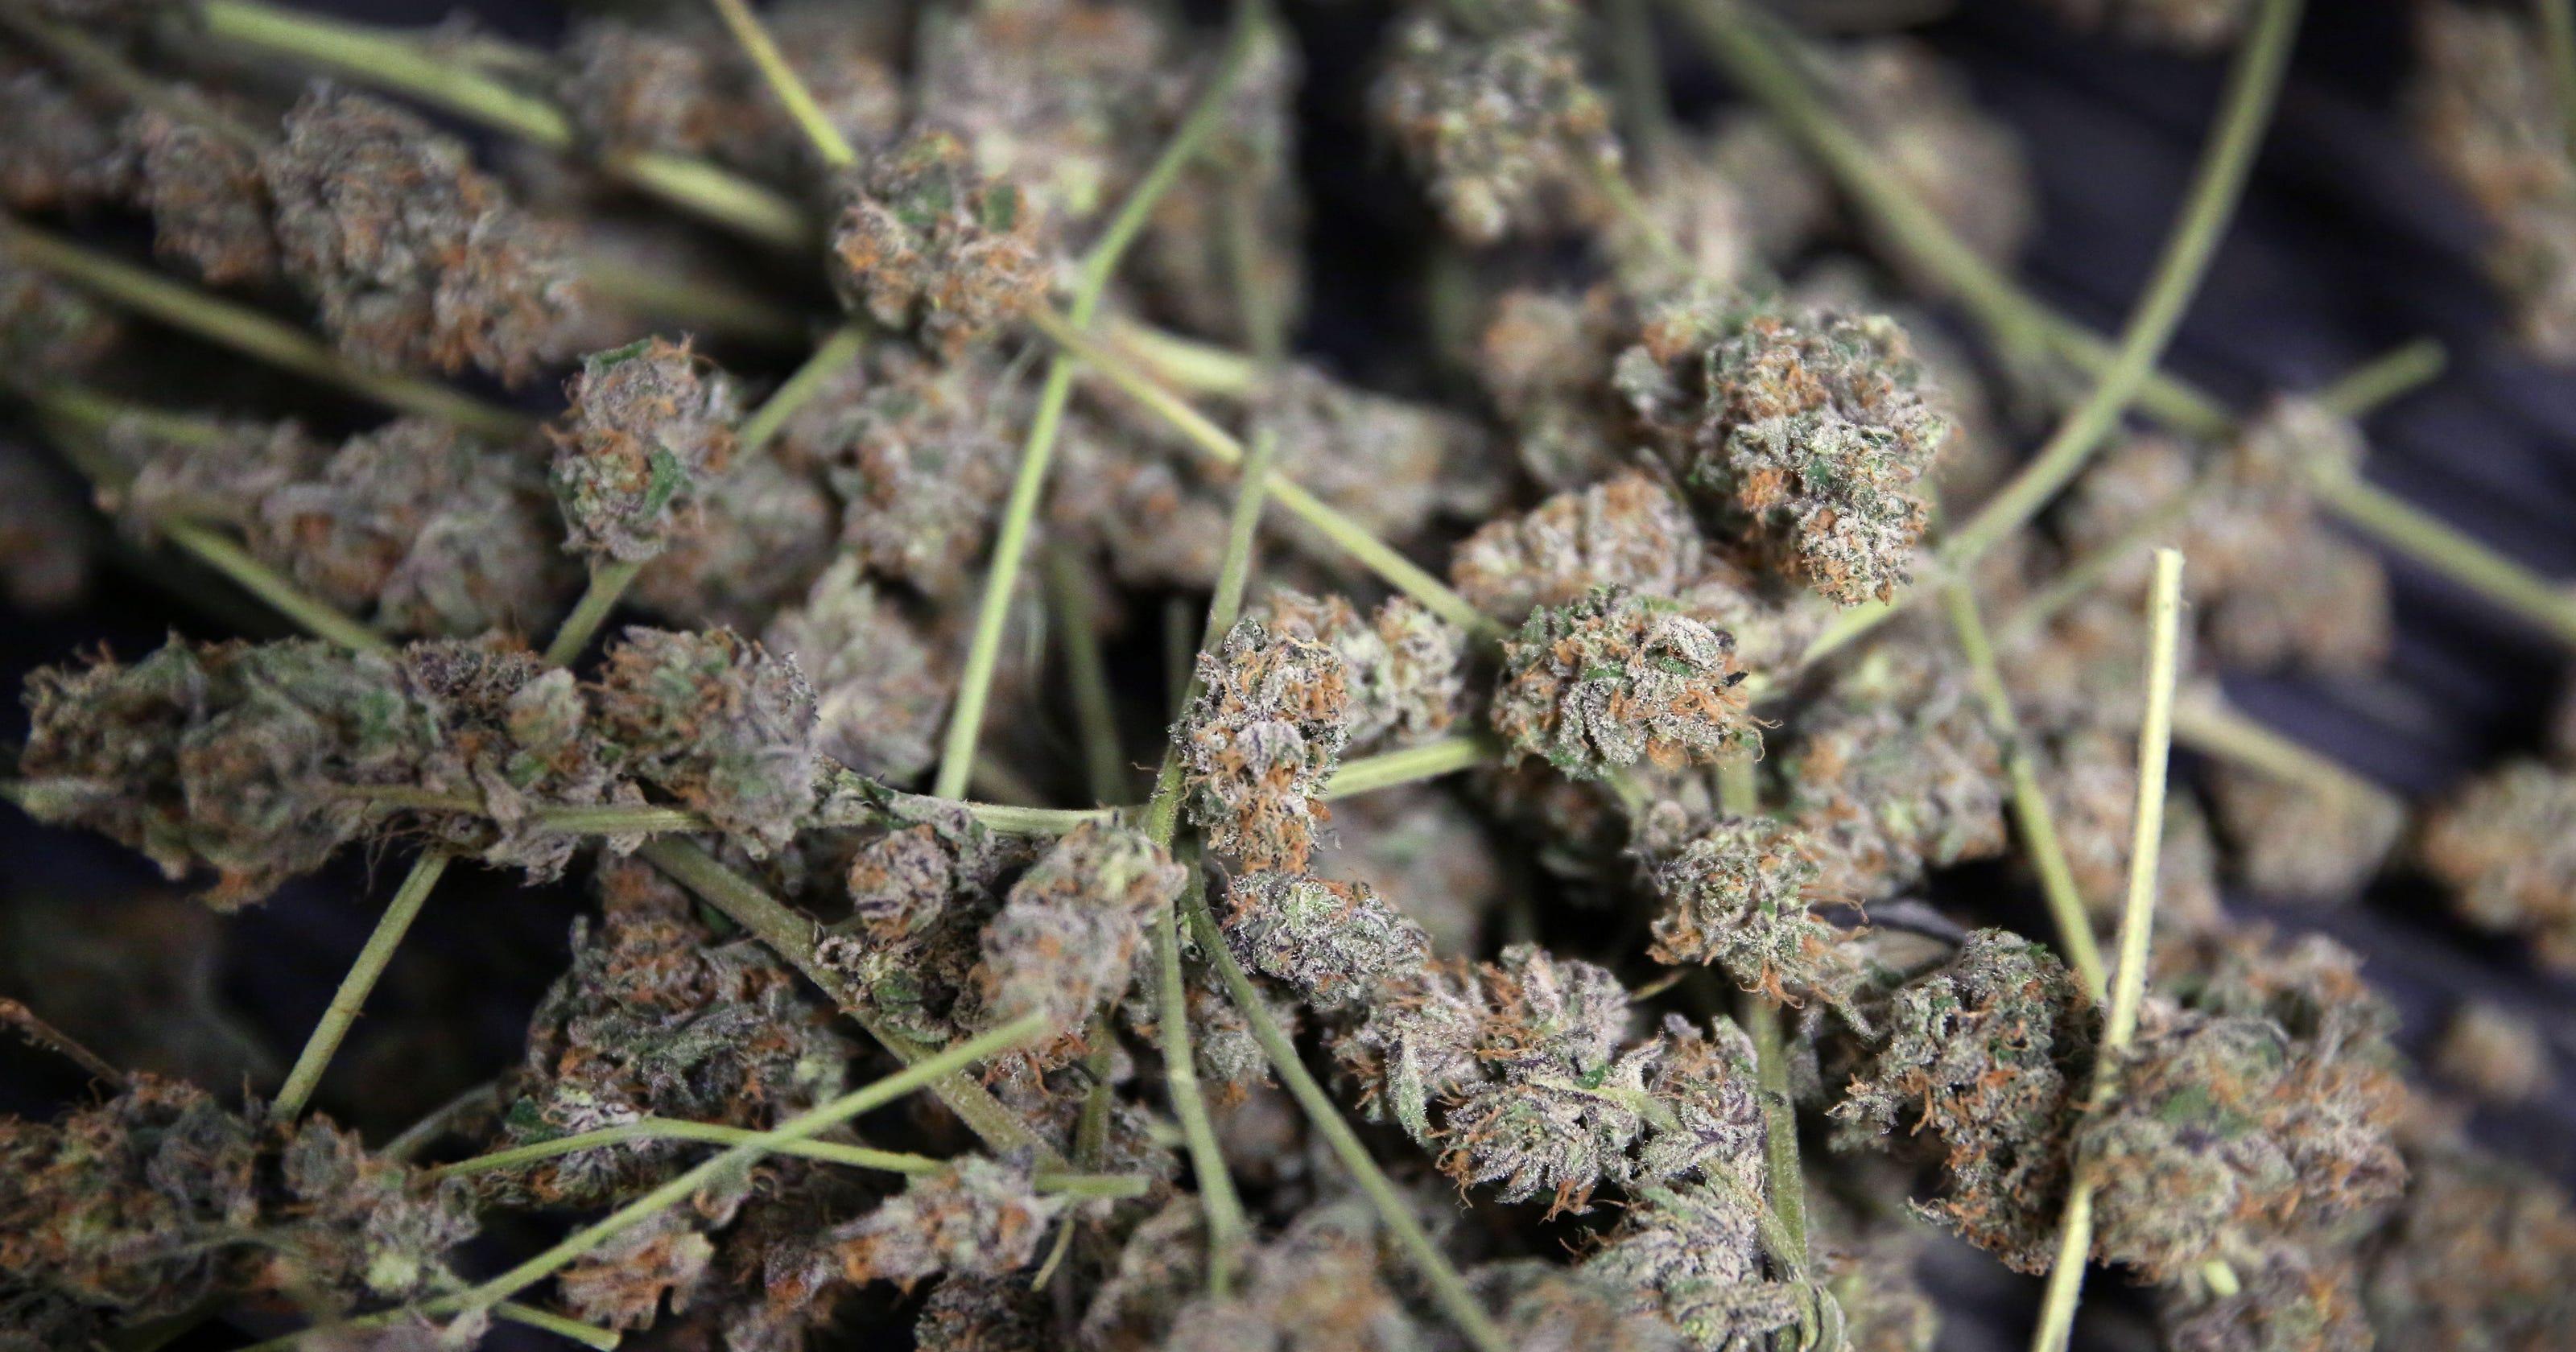 what category does marijuana fall into